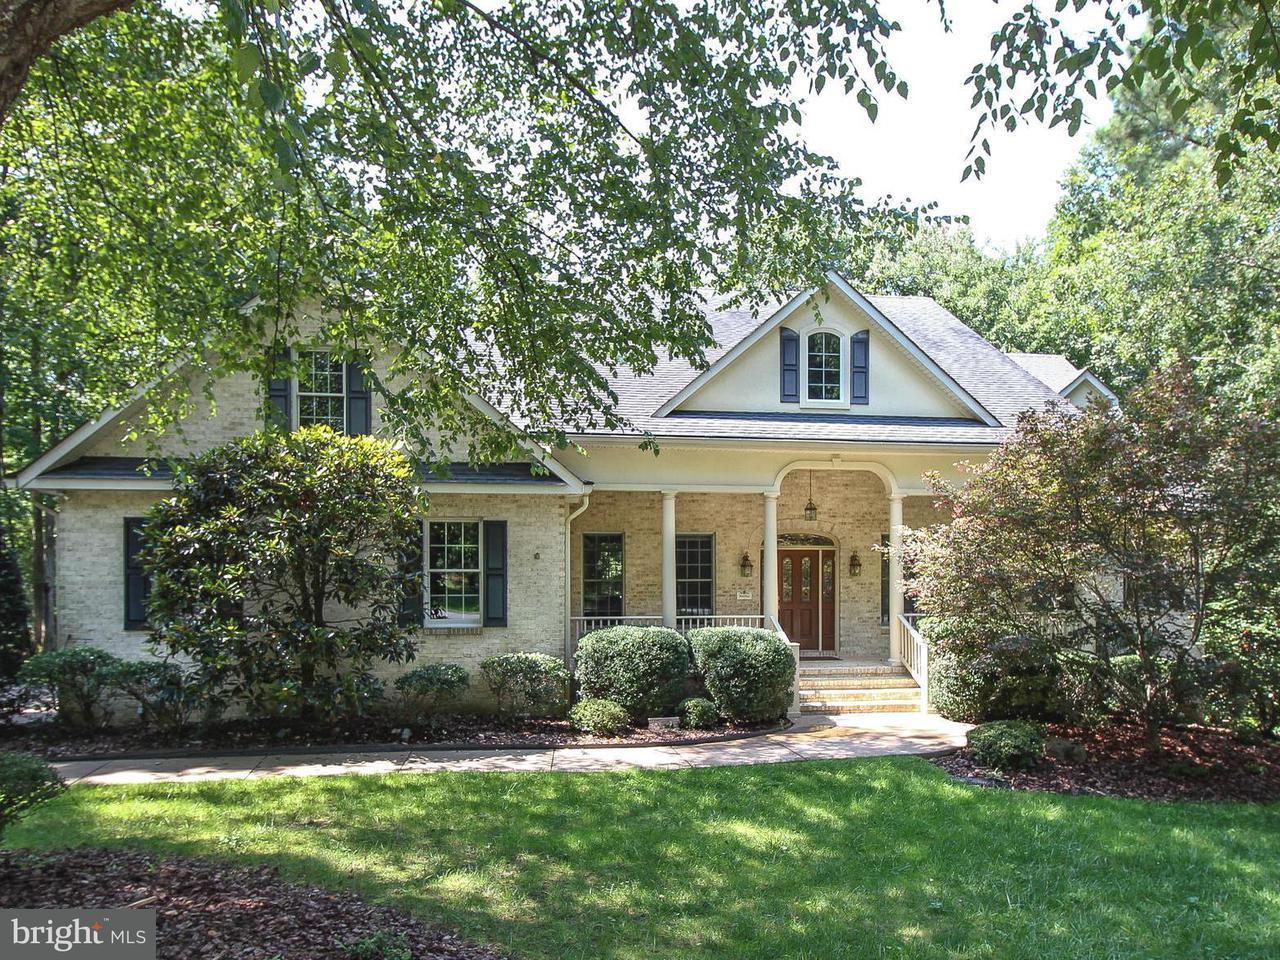 一戸建て のために 売買 アット 11510 HENEGAN Place 11510 HENEGAN Place Spotsylvania, バージニア 22551 アメリカ合衆国